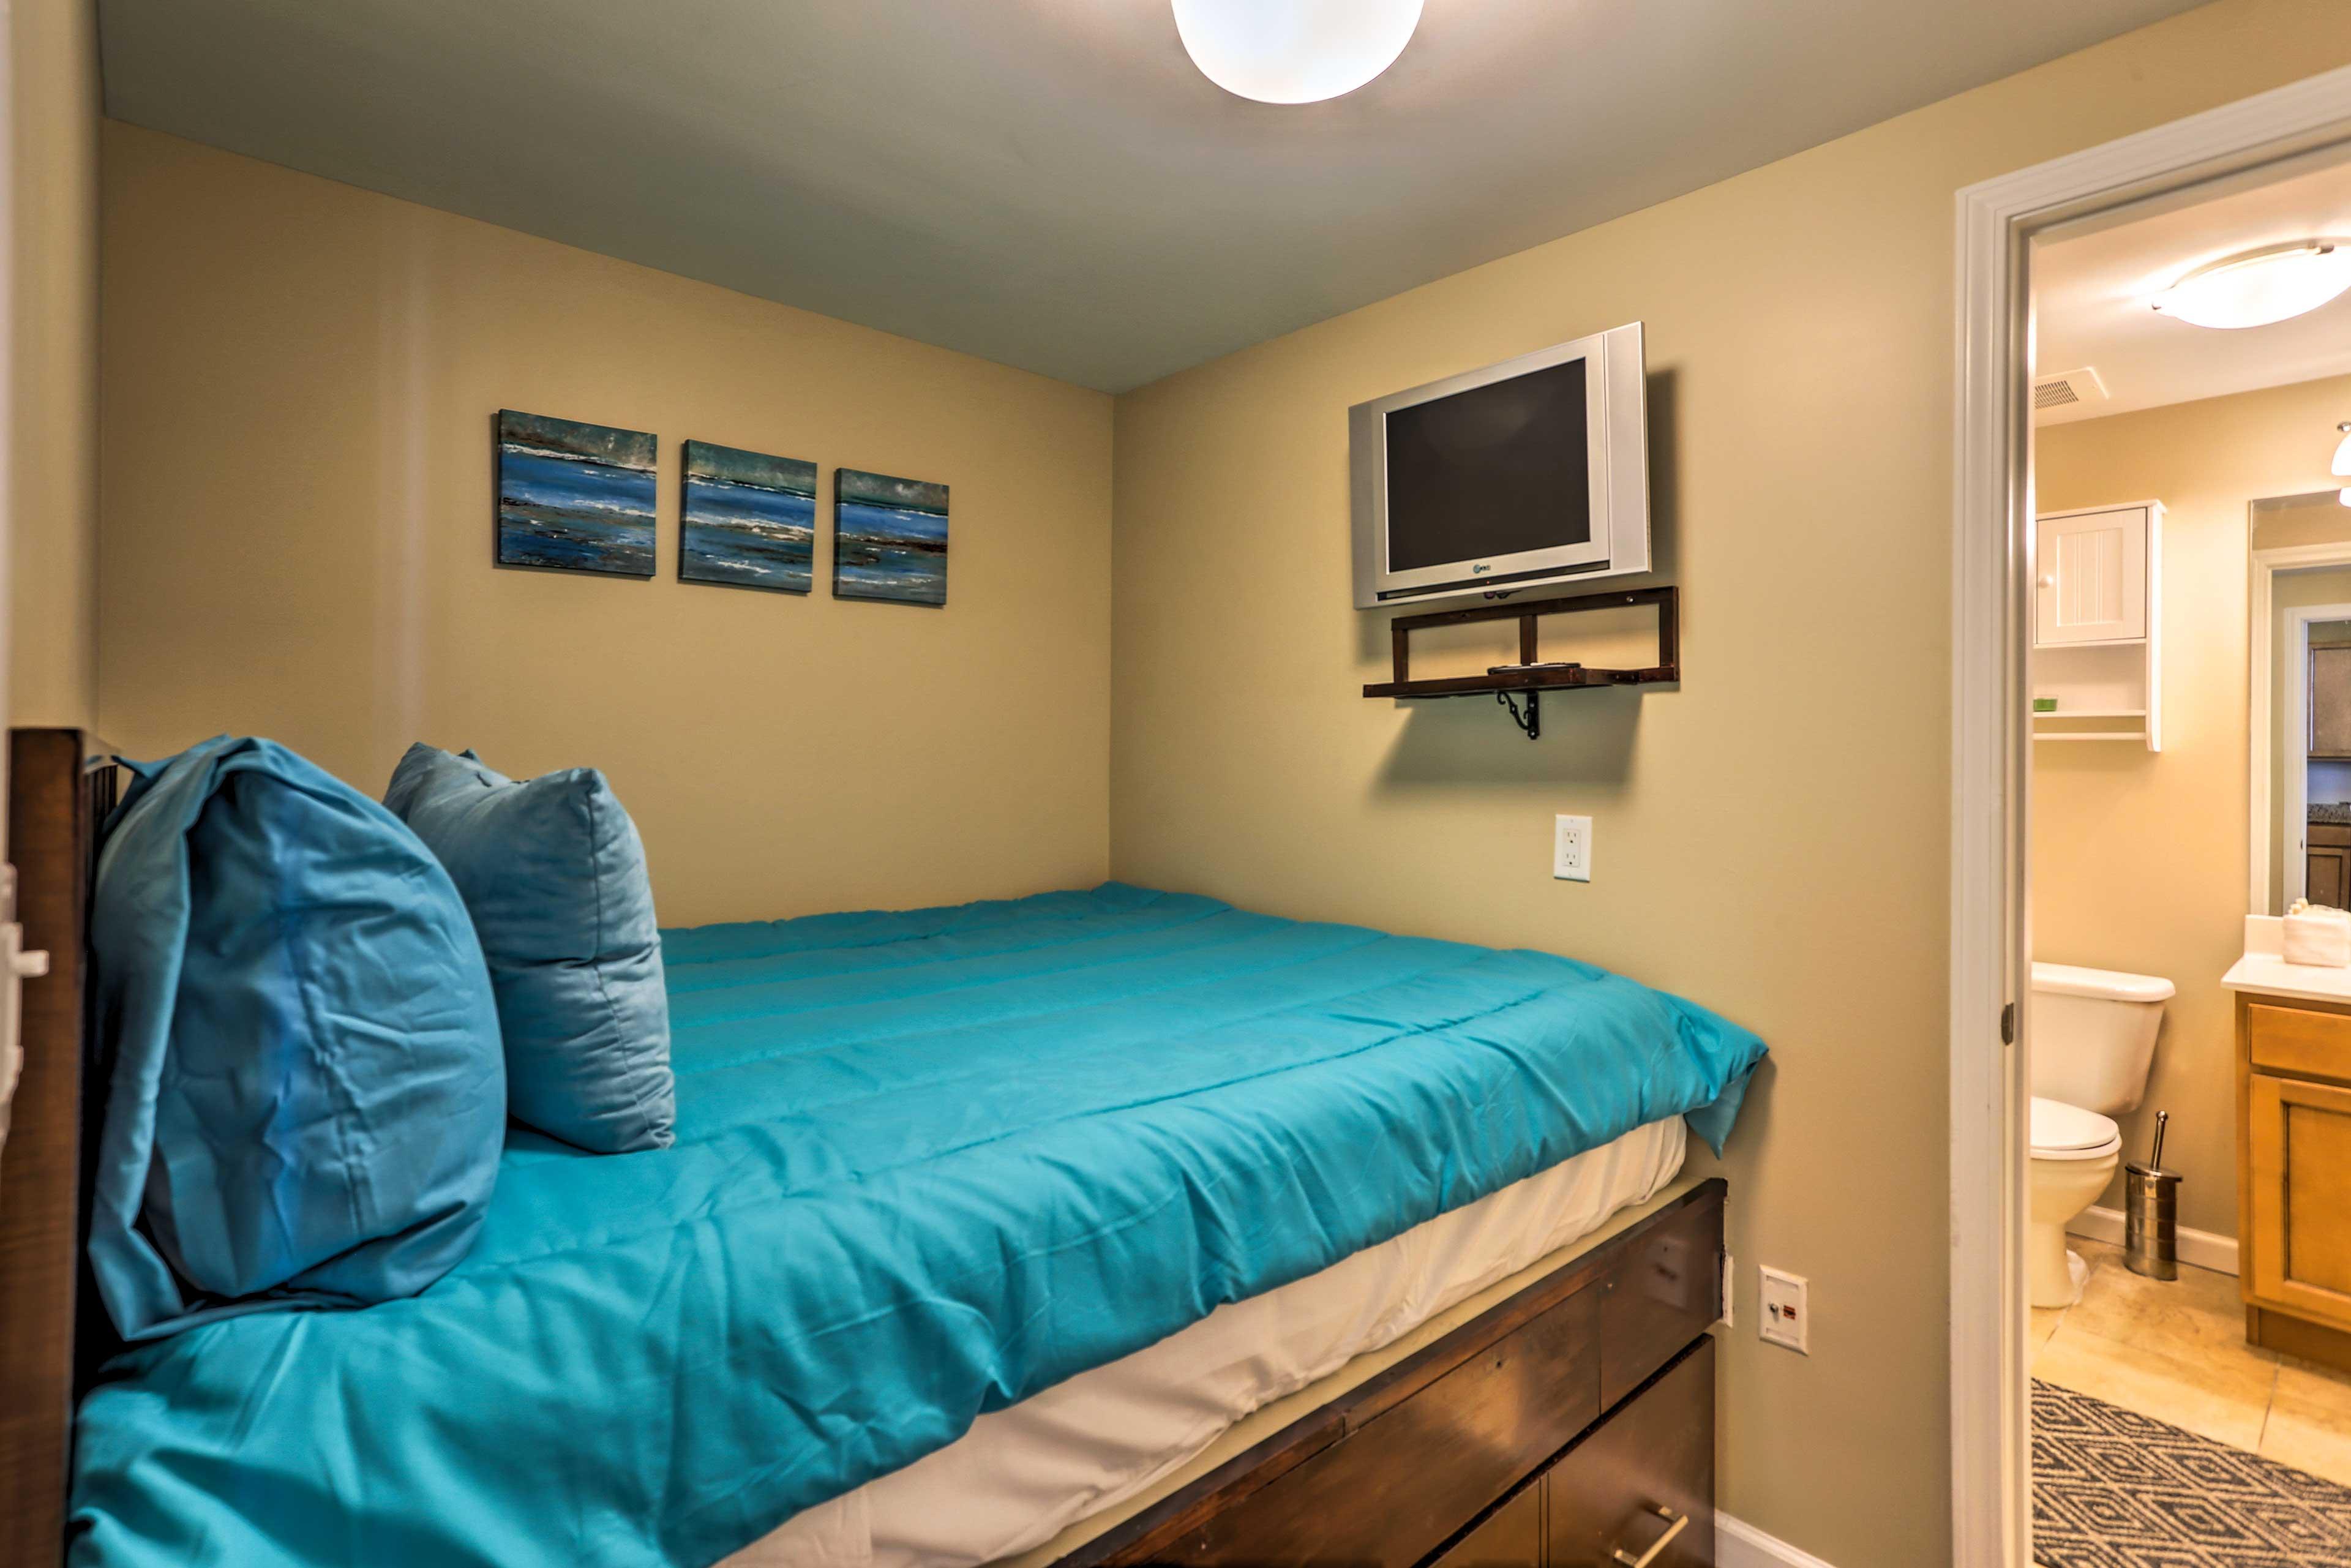 This bedroom offers 1 queen bed.